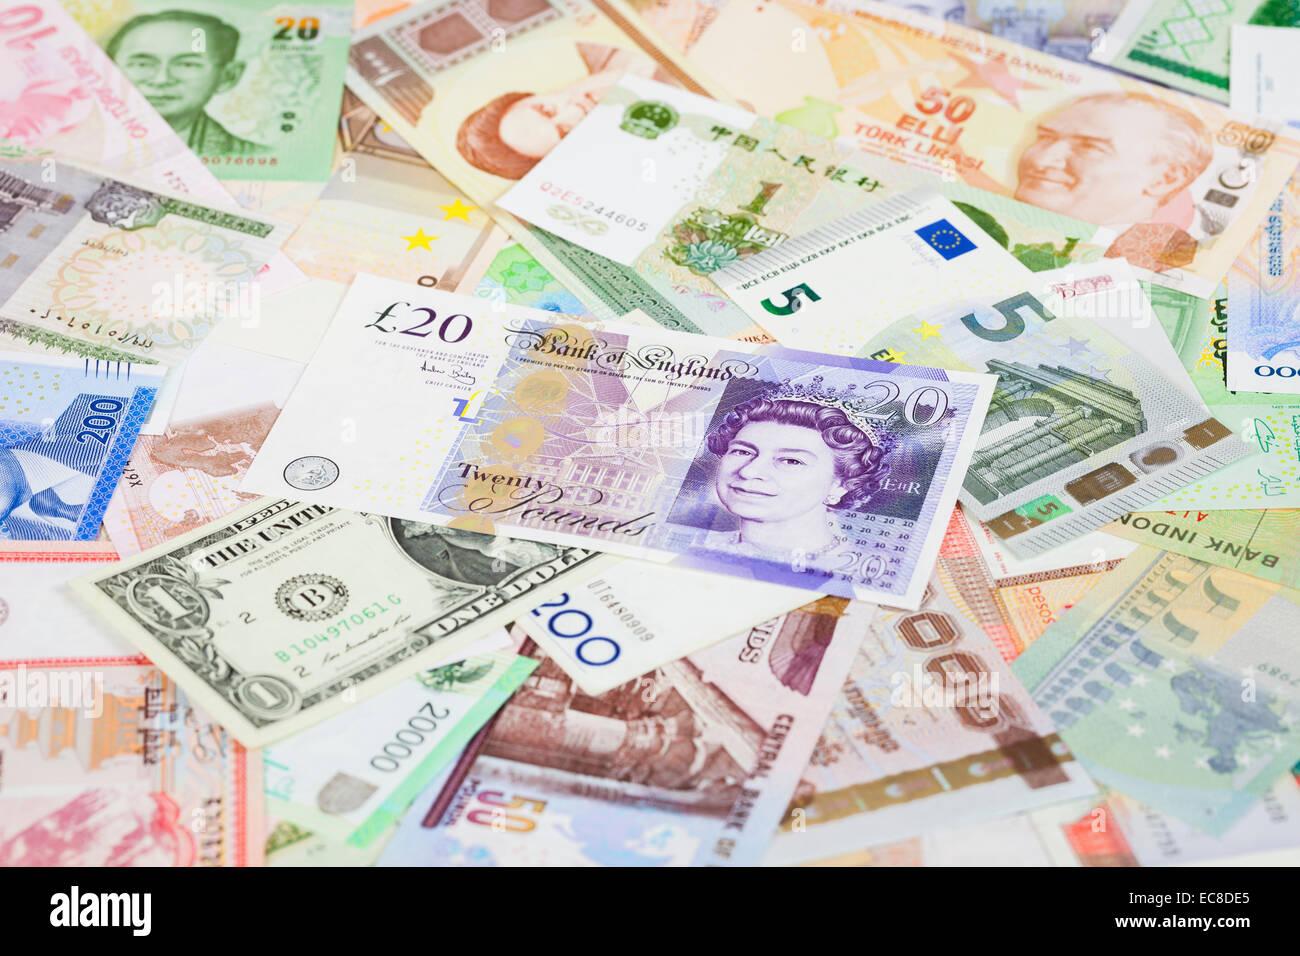 Internationalen Banknoten, Fokus auf britische Pfund Stockbild